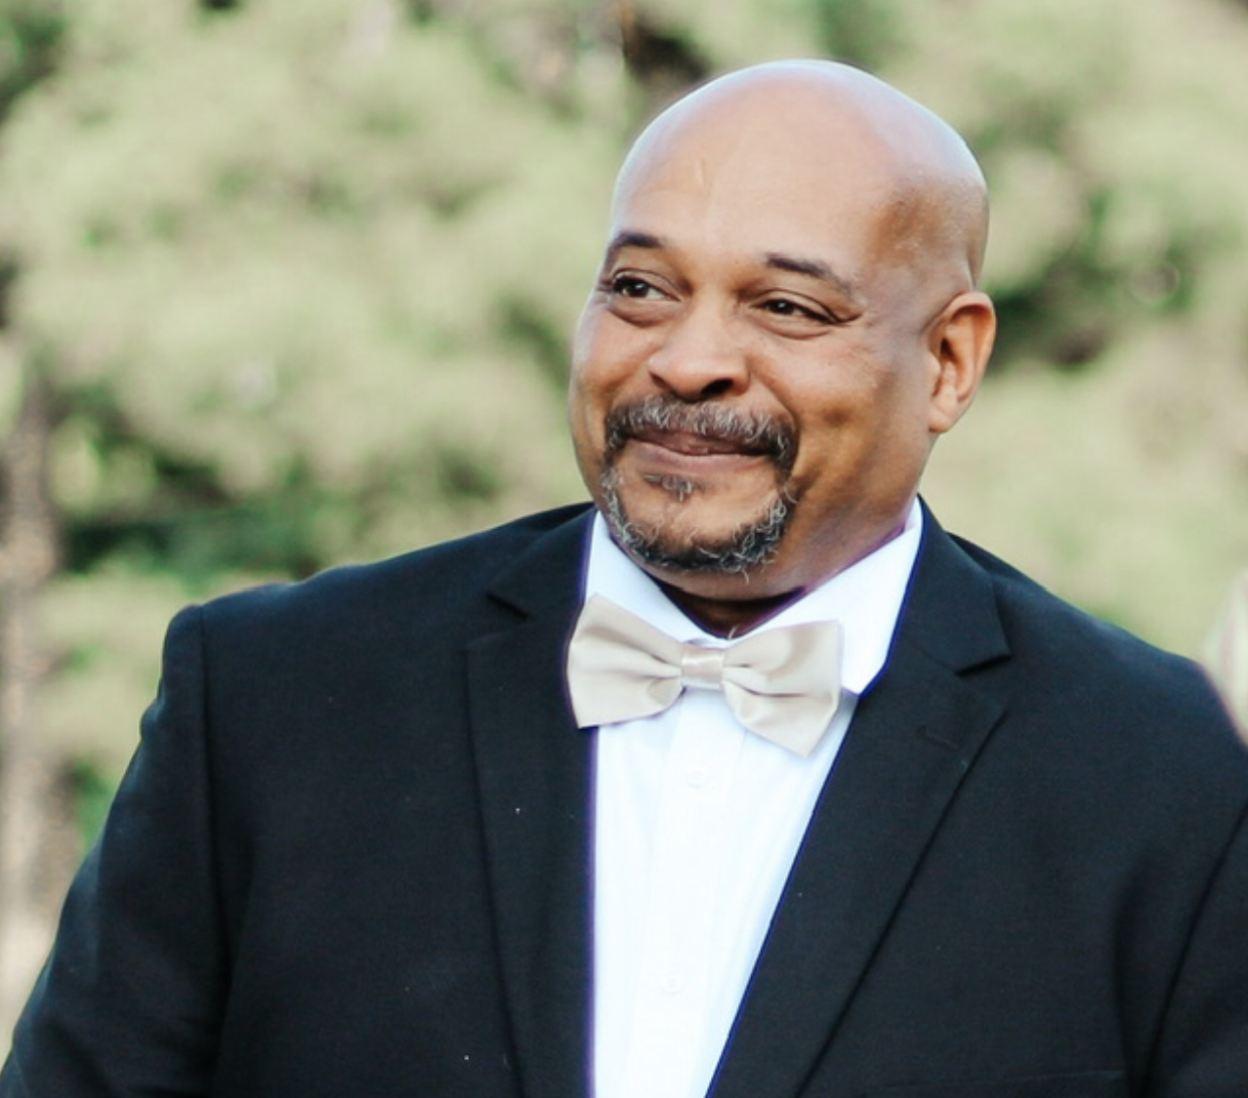 Dr. Earl B. Hall